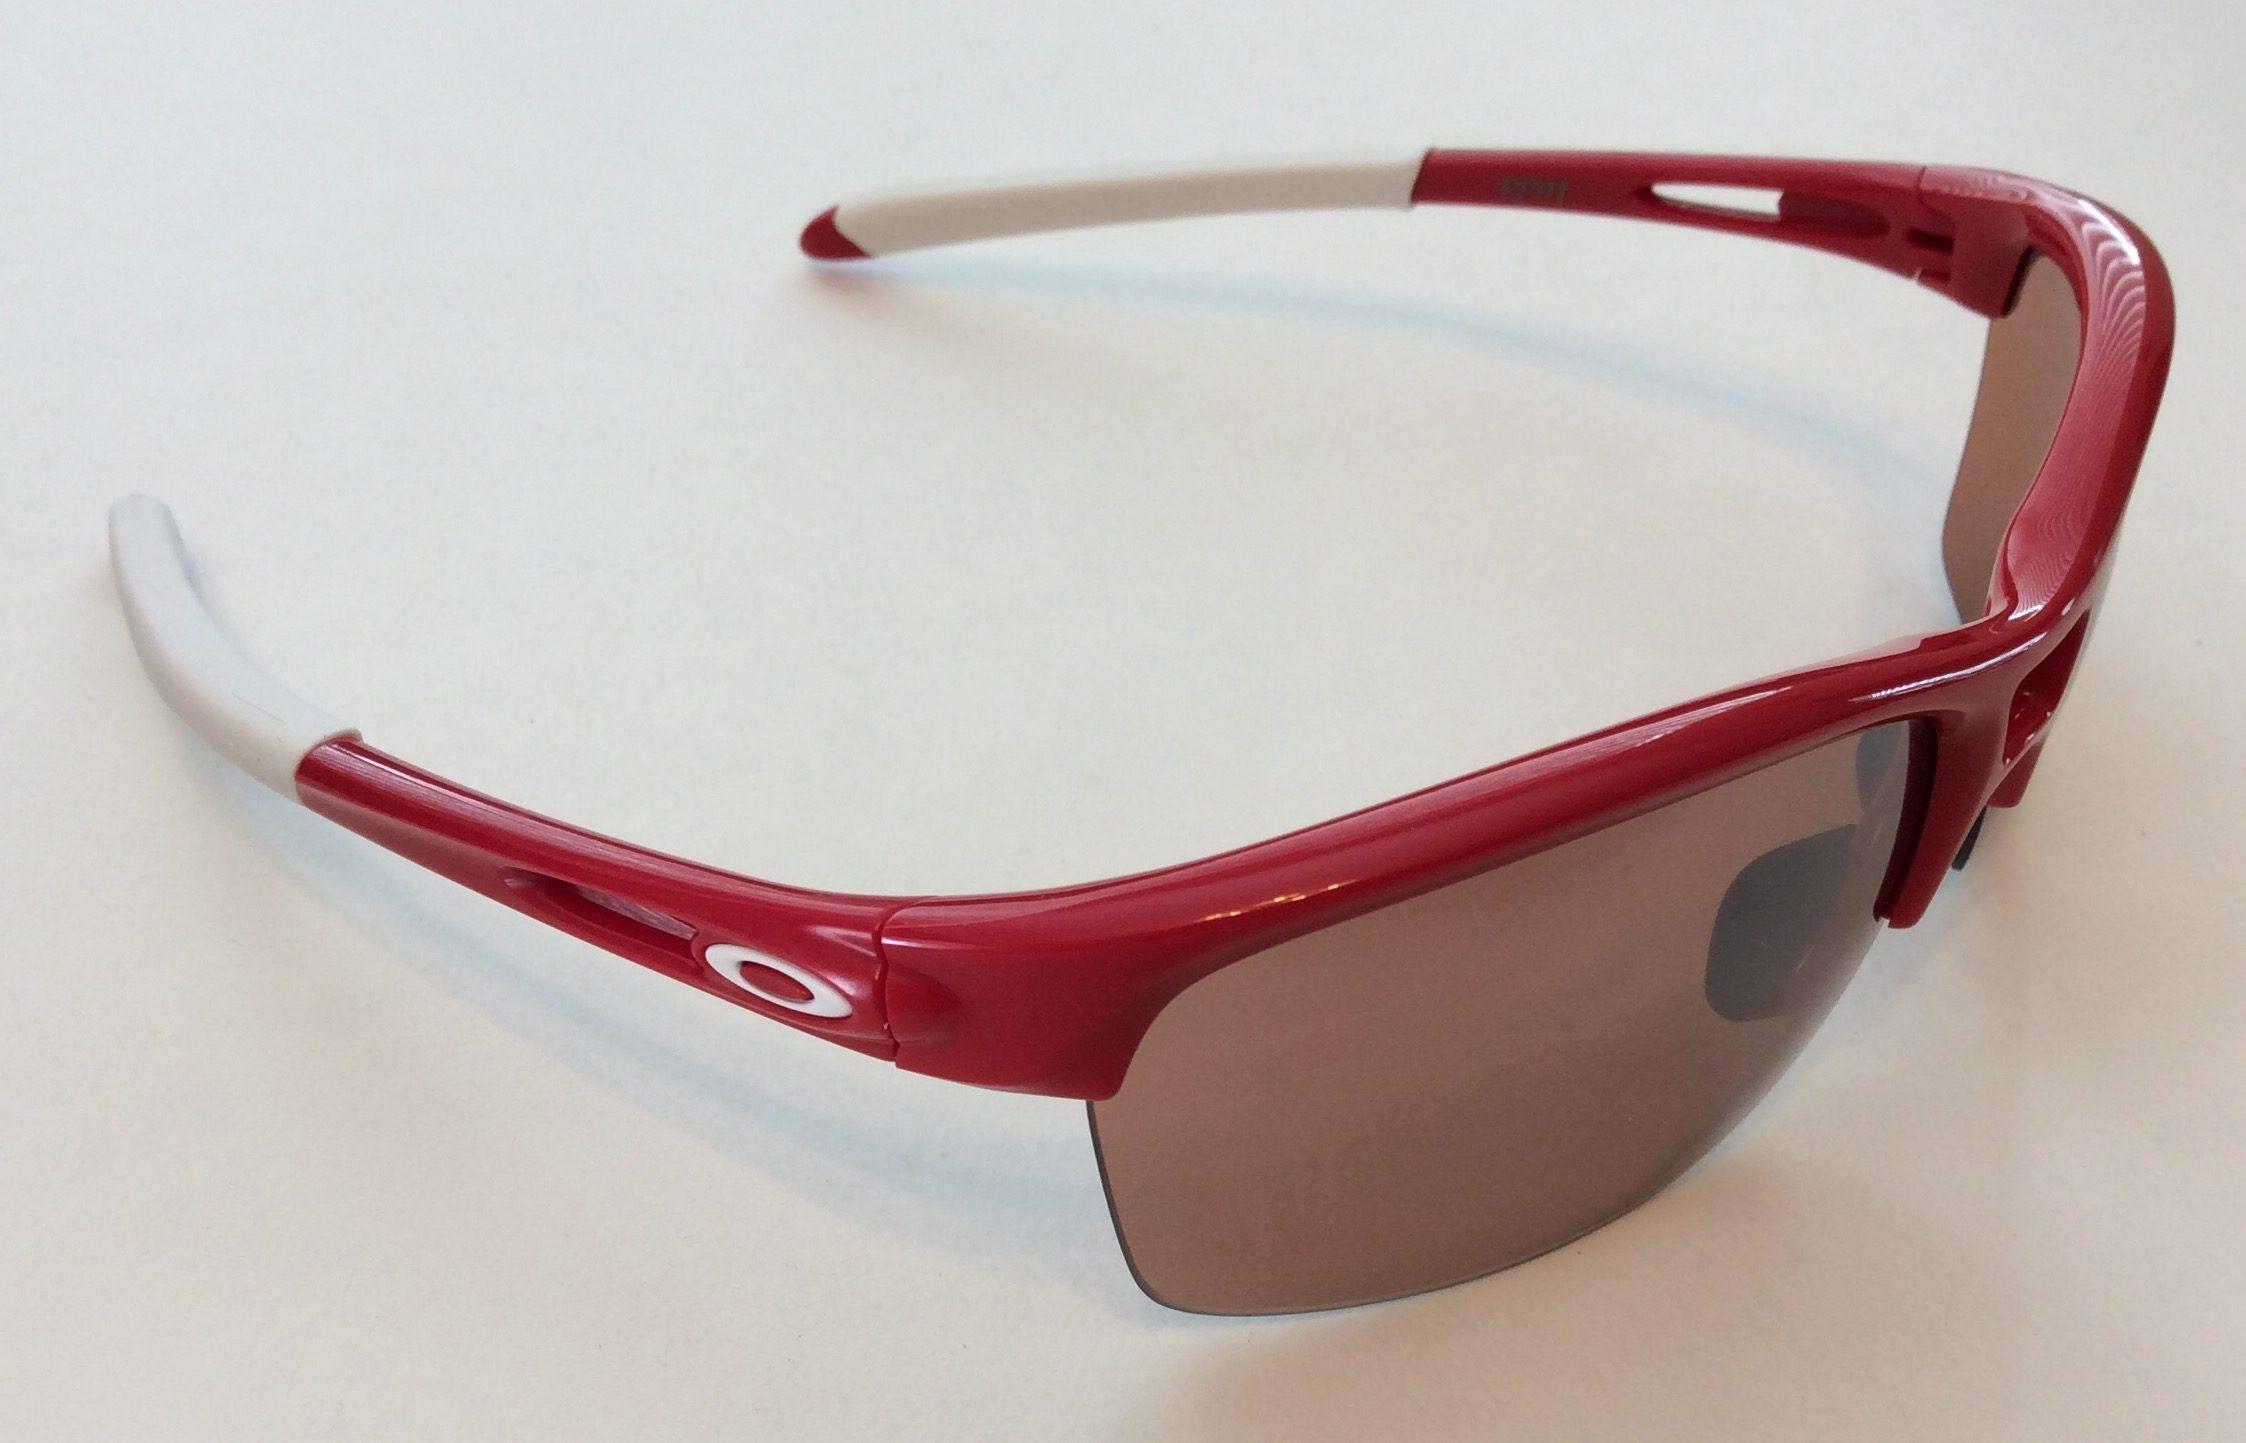 Oakley Red Frame Glasses : Oakley RPM Squared Sunglasses Redline Red Frame VR28 ...